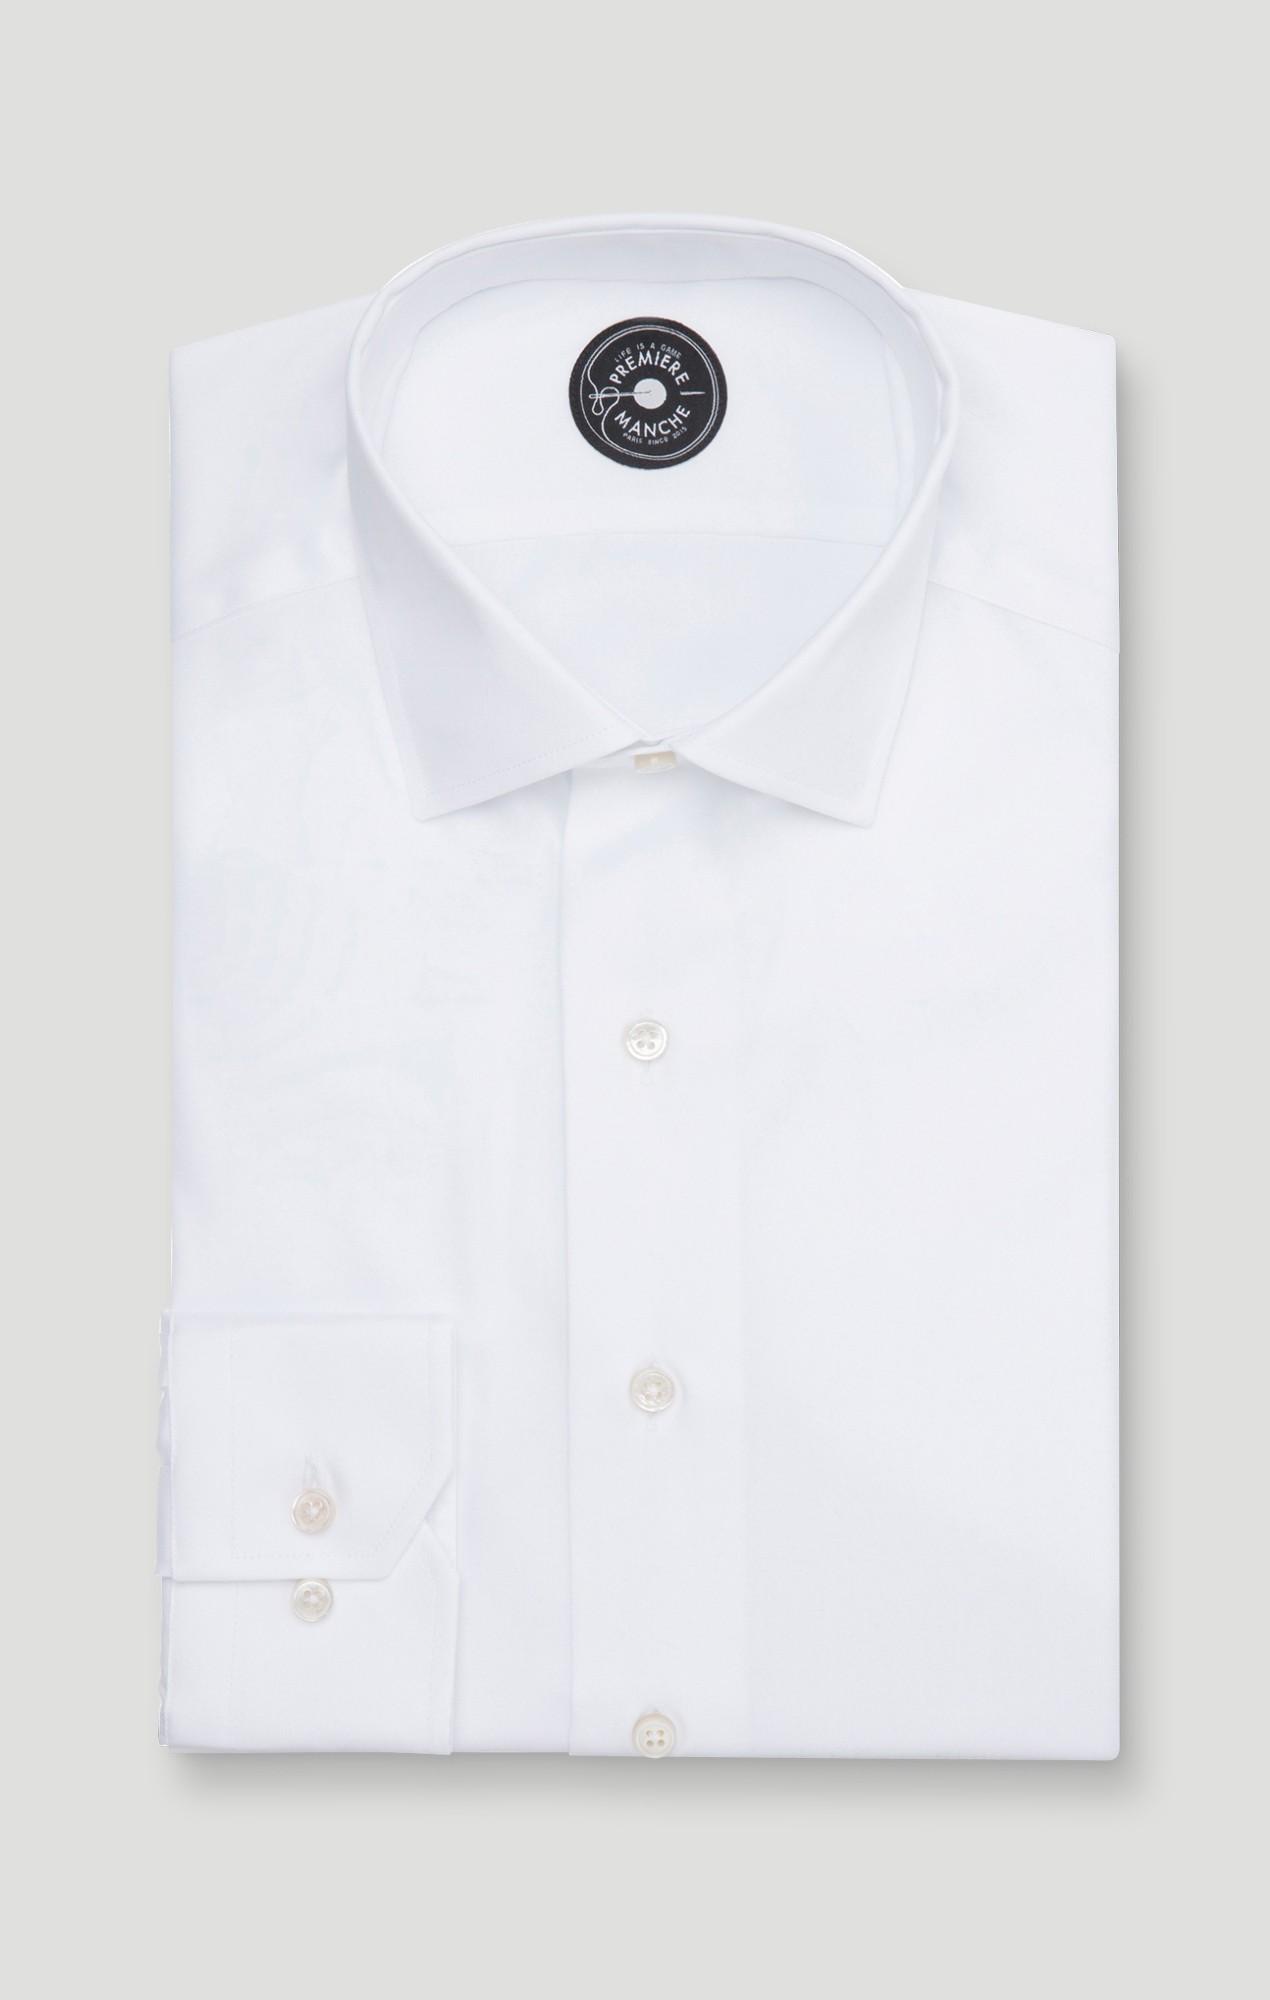 White dobby shirt